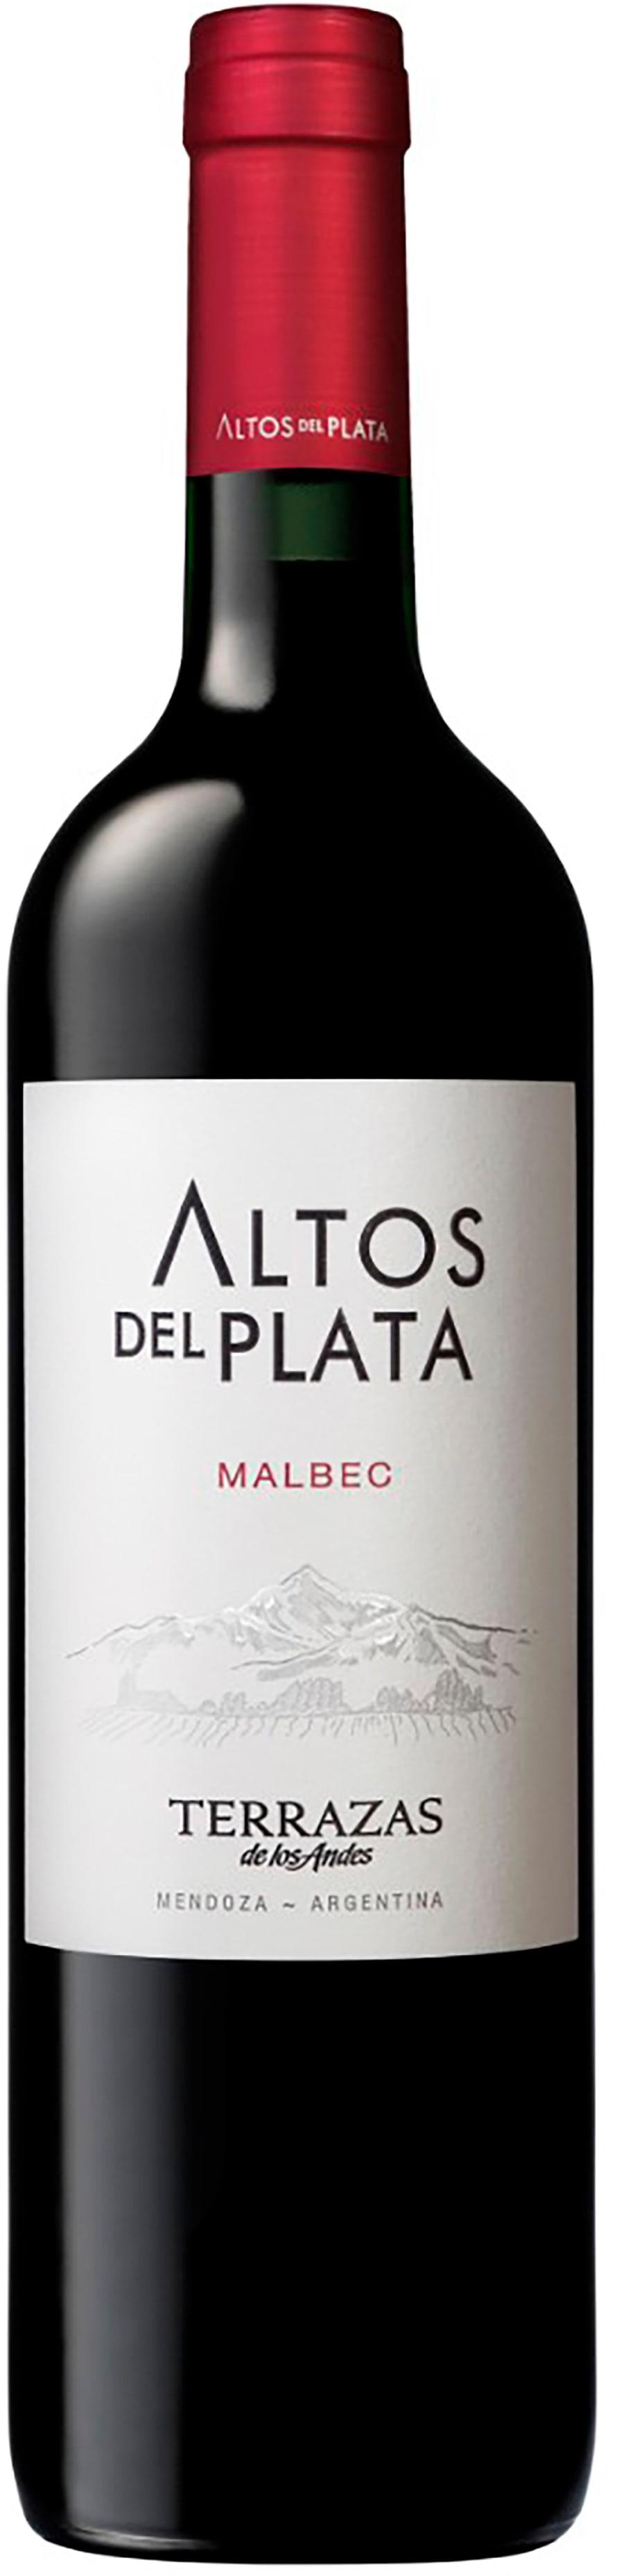 Terrazas De Los Andes Altos Del Plata Malbec 2017